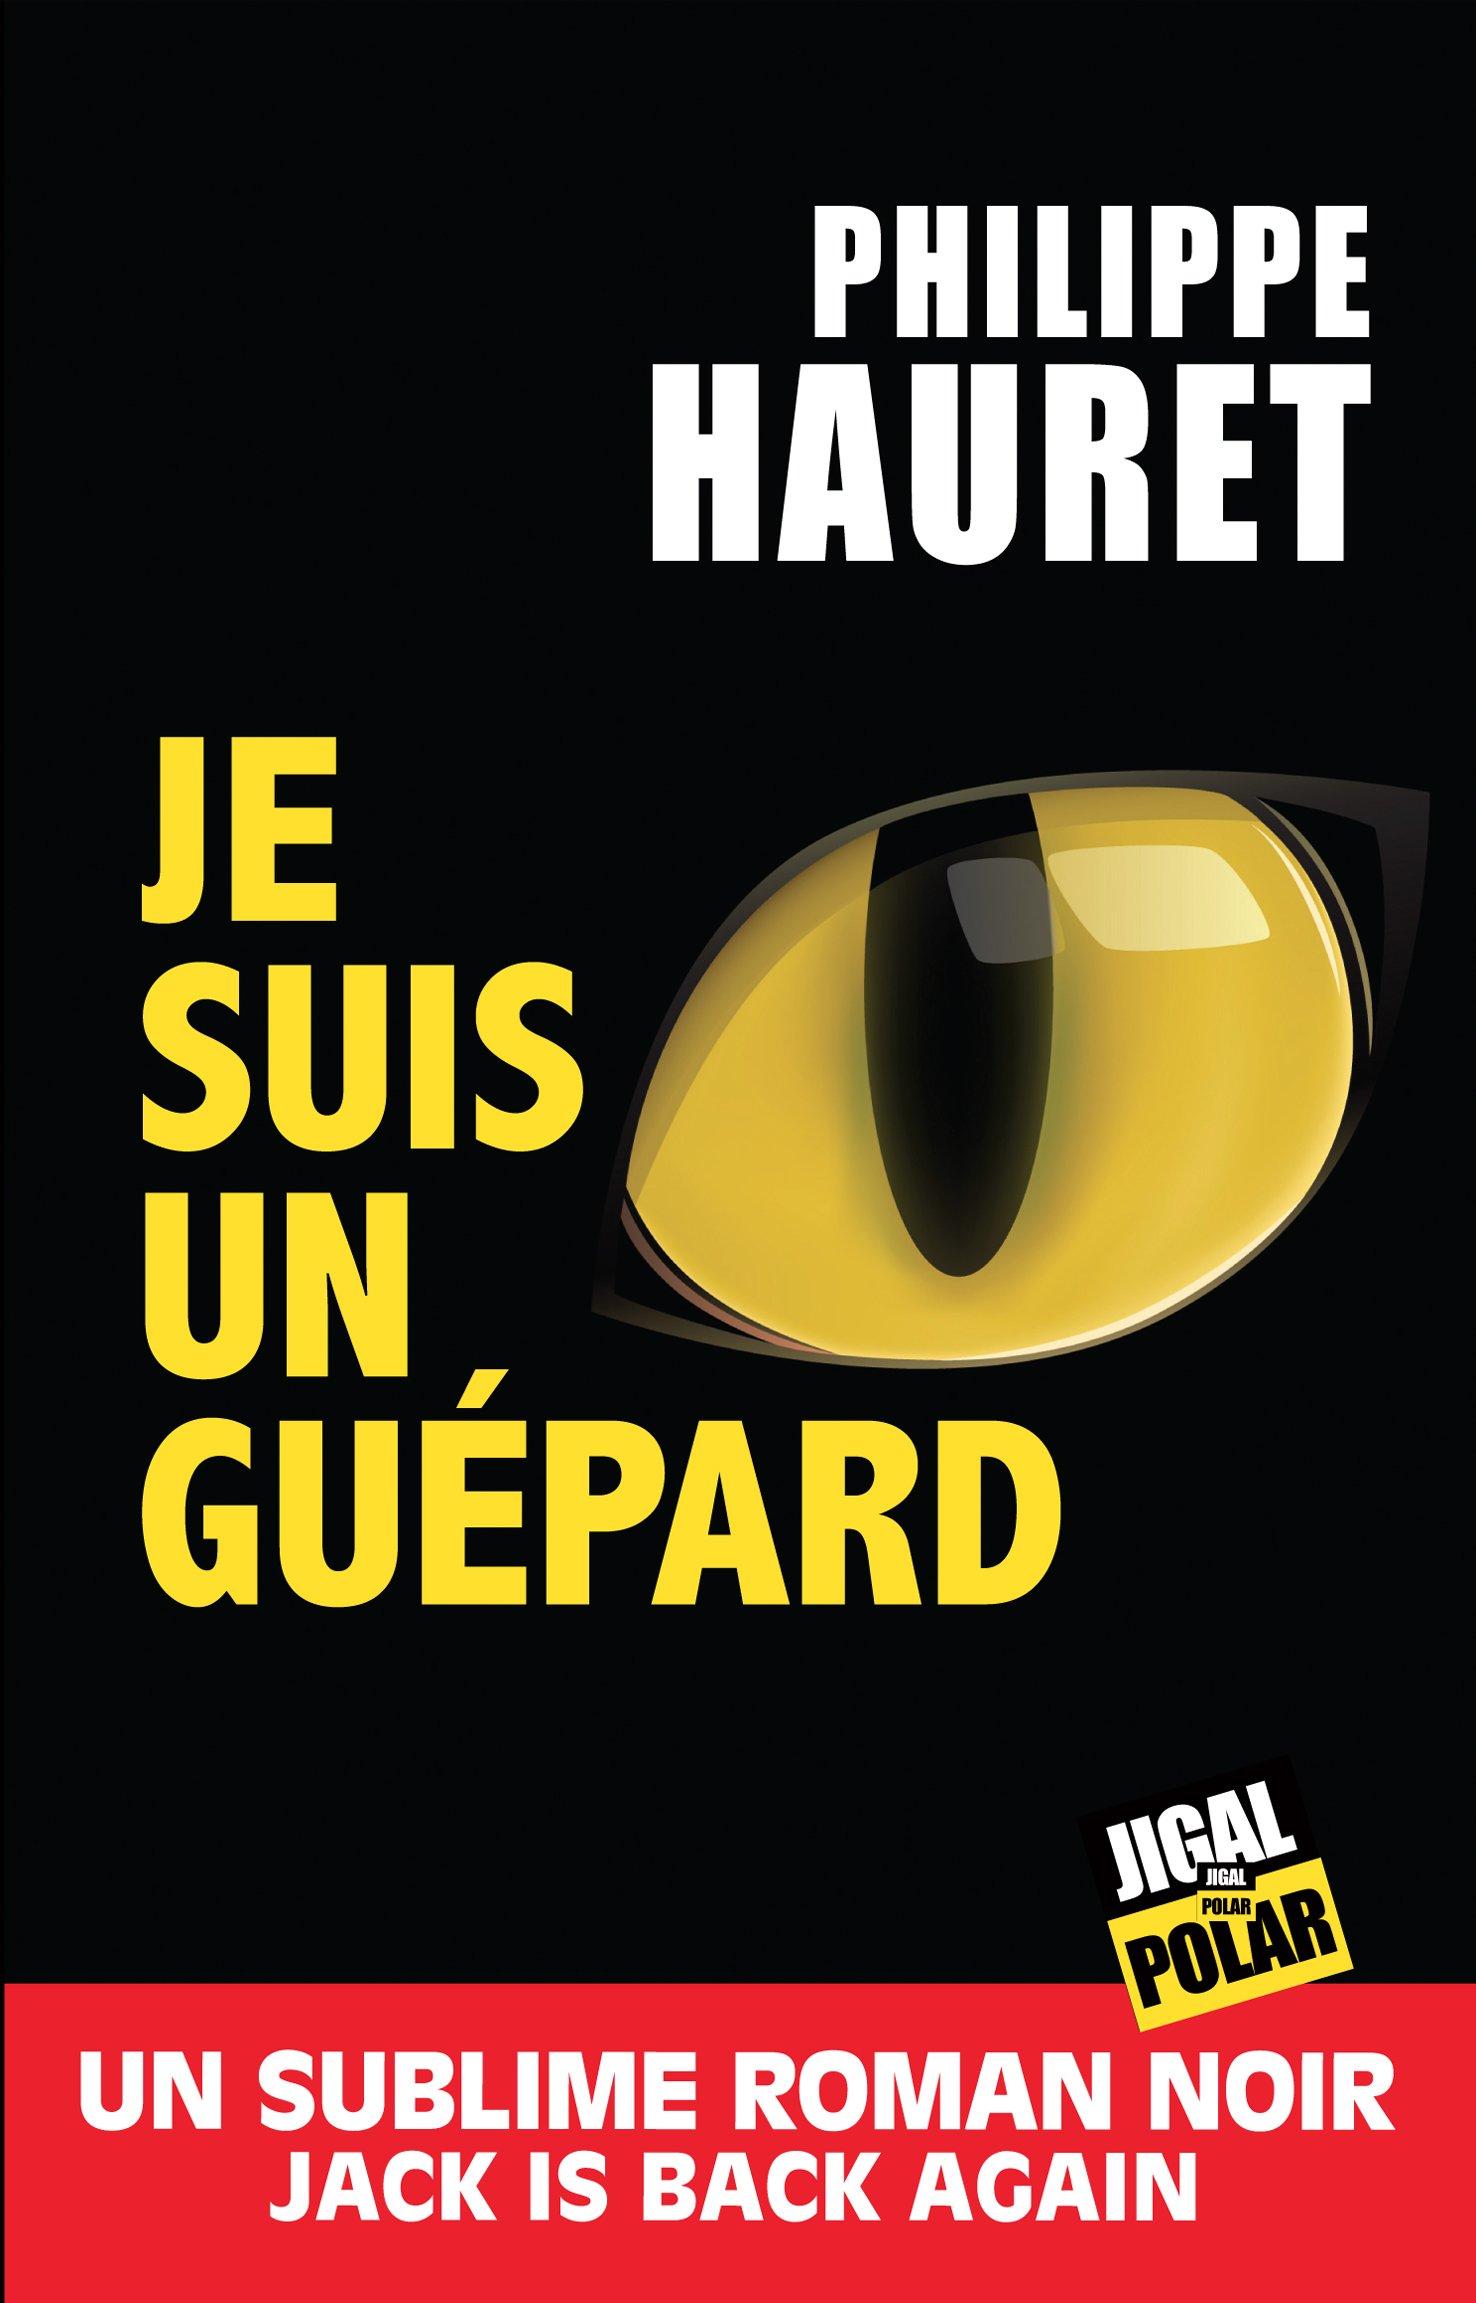 Chronique Dora-Suarez Je suis un guépard - Philippe Hauret